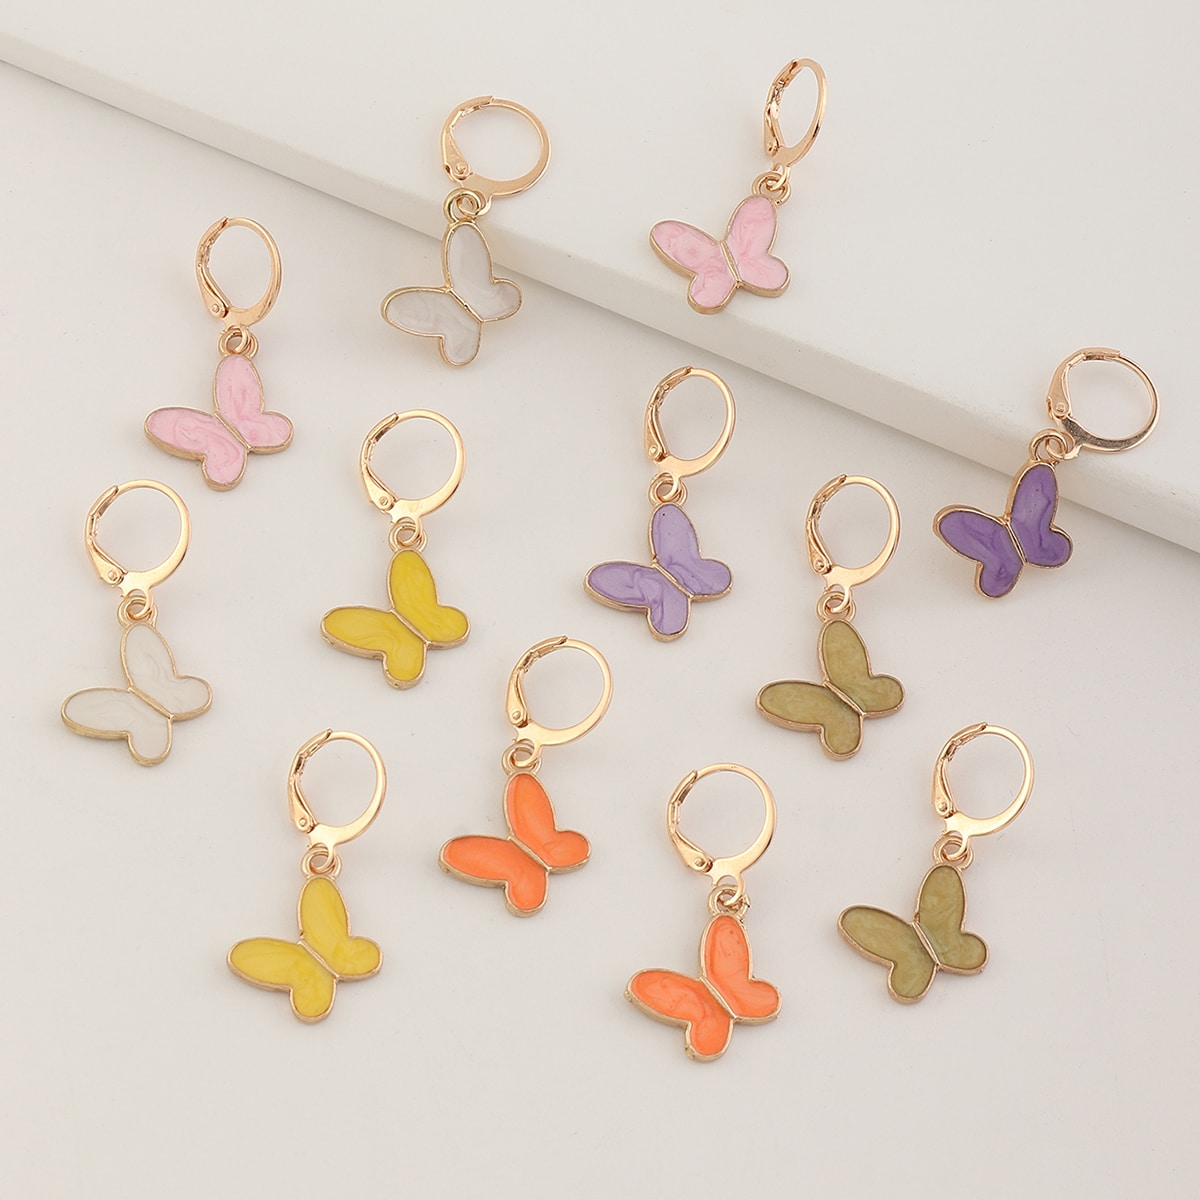 6 пар серьги-подвески с бабочкой для девочек